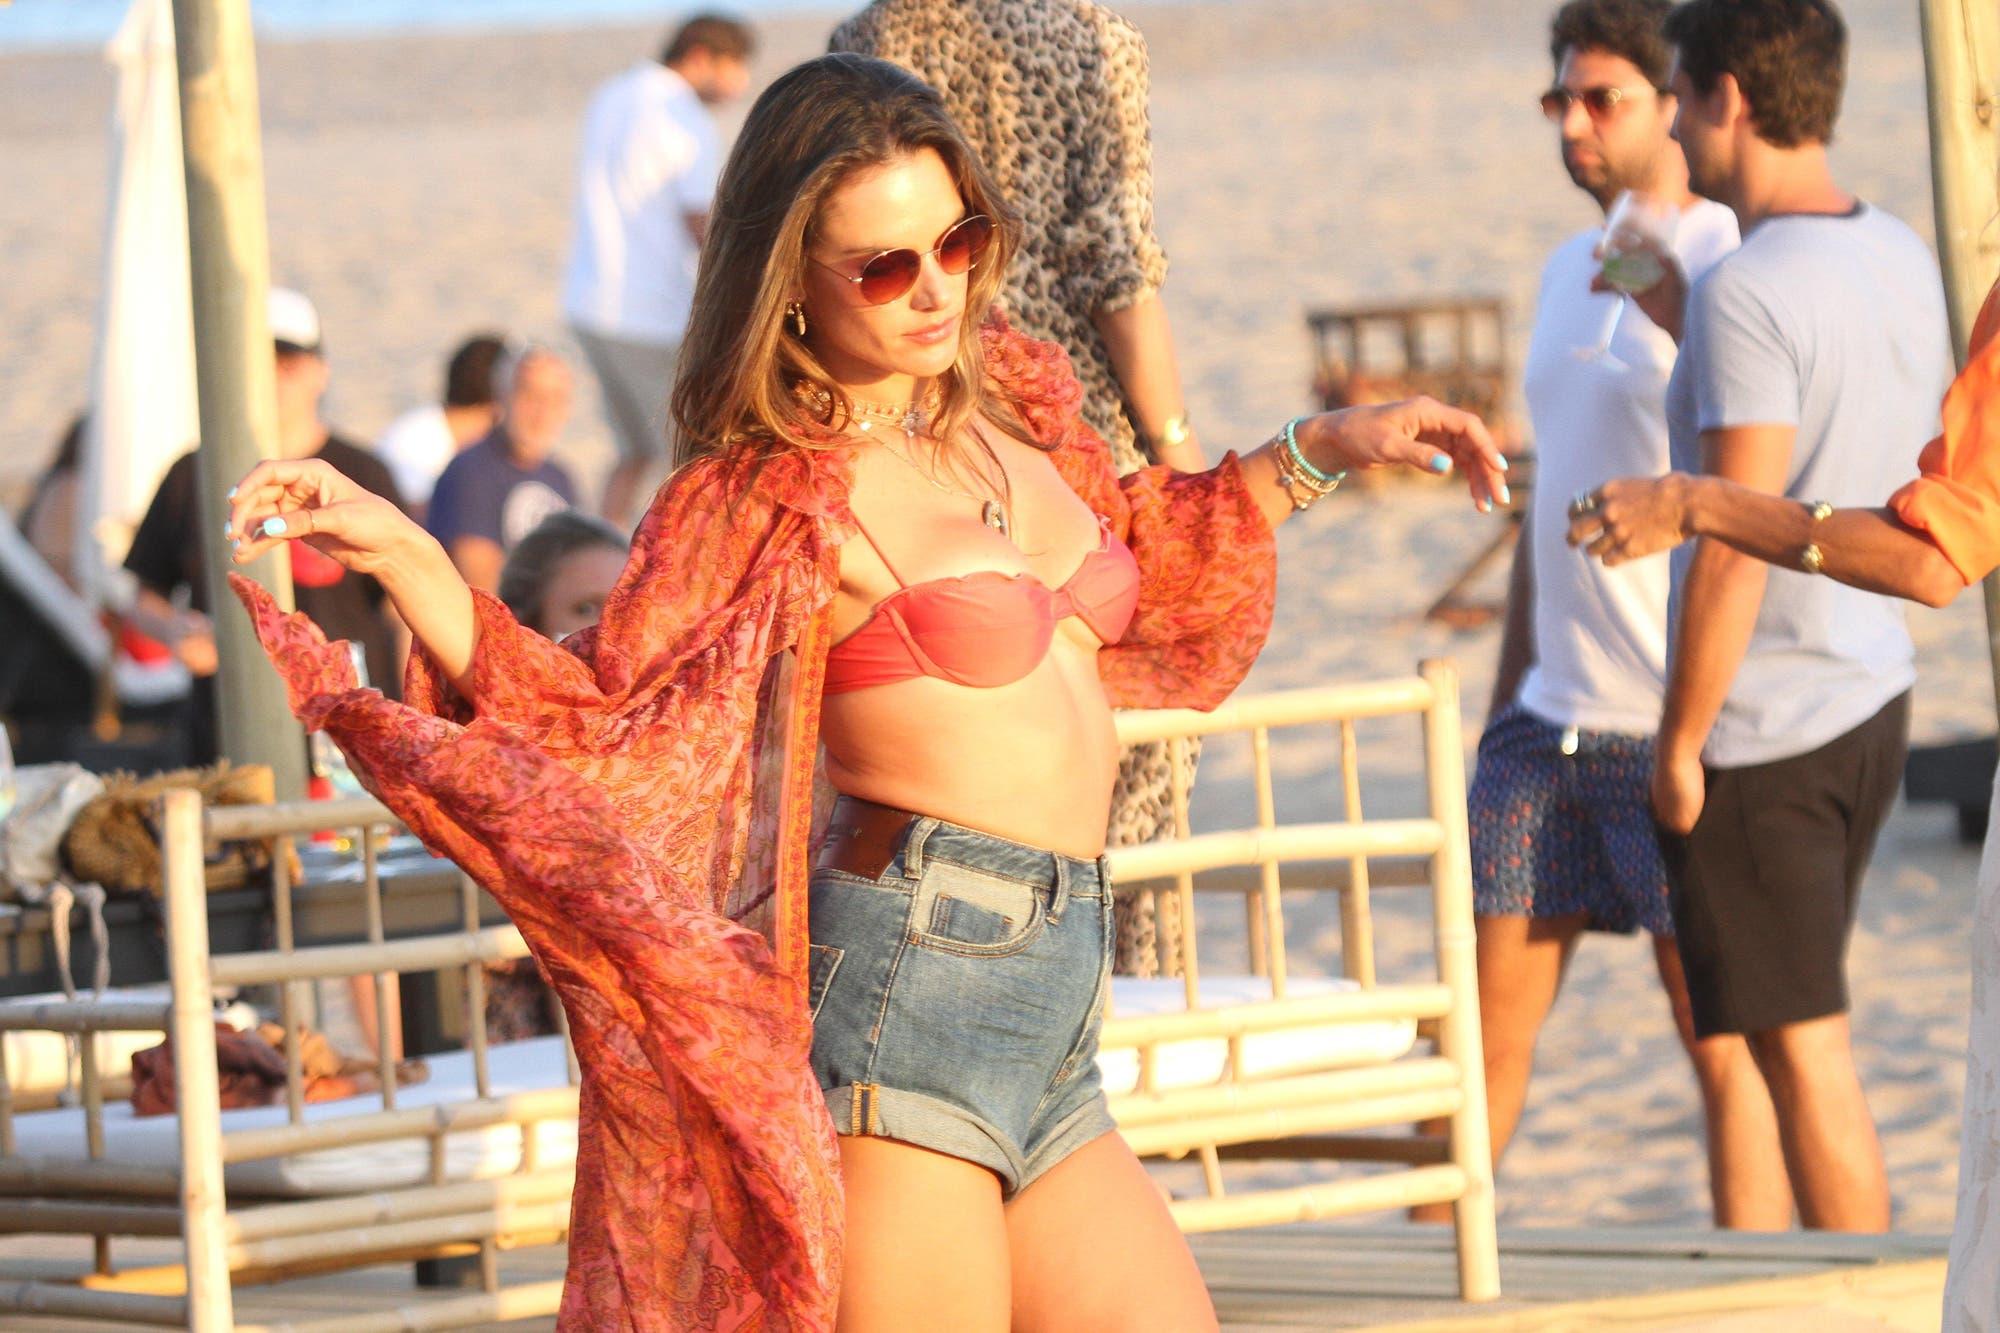 Punta del Este: la top model brasileña Alessandra Ambrosio disfruta de la costa uruguaya